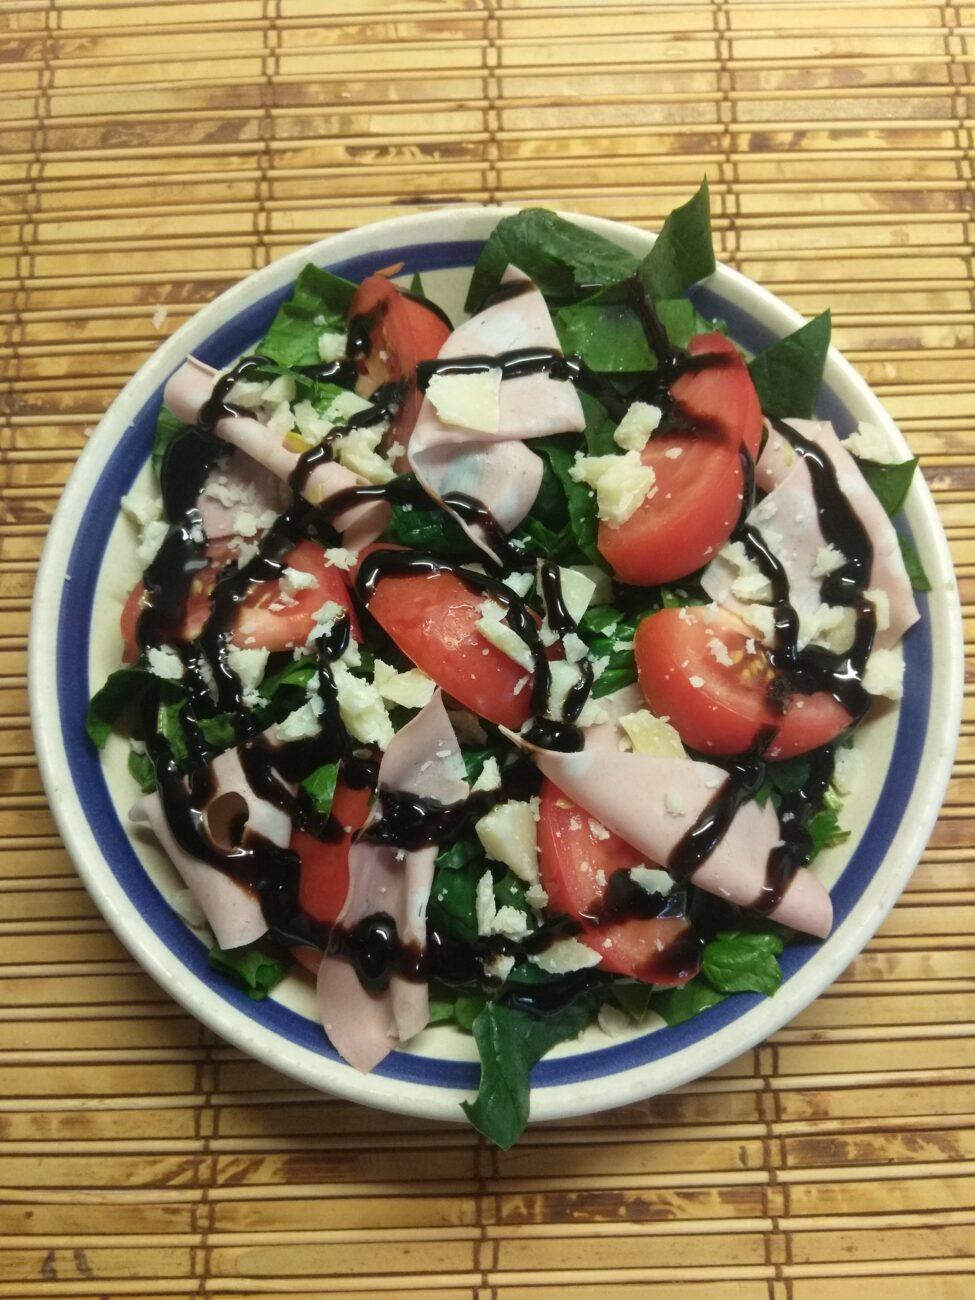 Салат со шпинатом, мортаделлой, помидорами и пармезаном